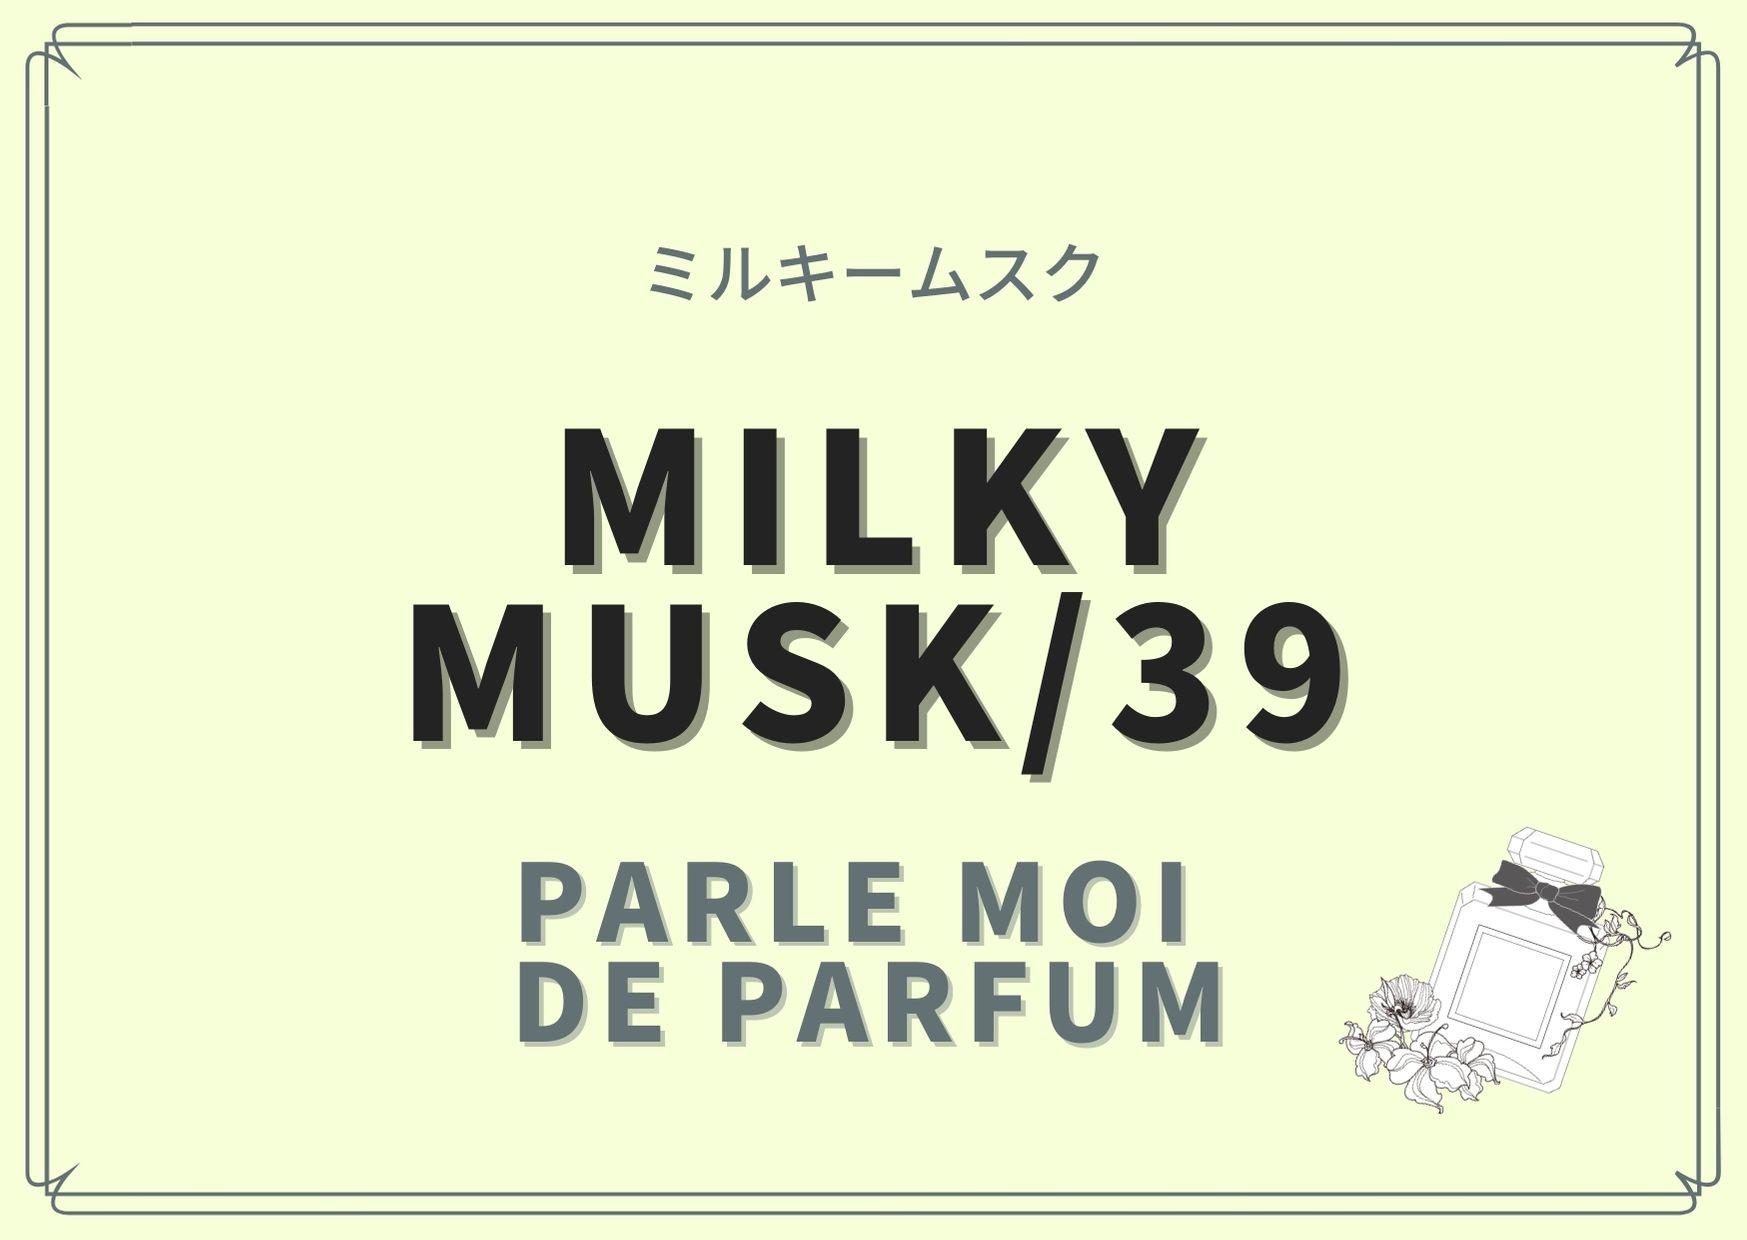 MILKY MUSK/39(ミルキームスク)/PARLE MOI DE PARFUM(パルル モア ドゥ パルファム)